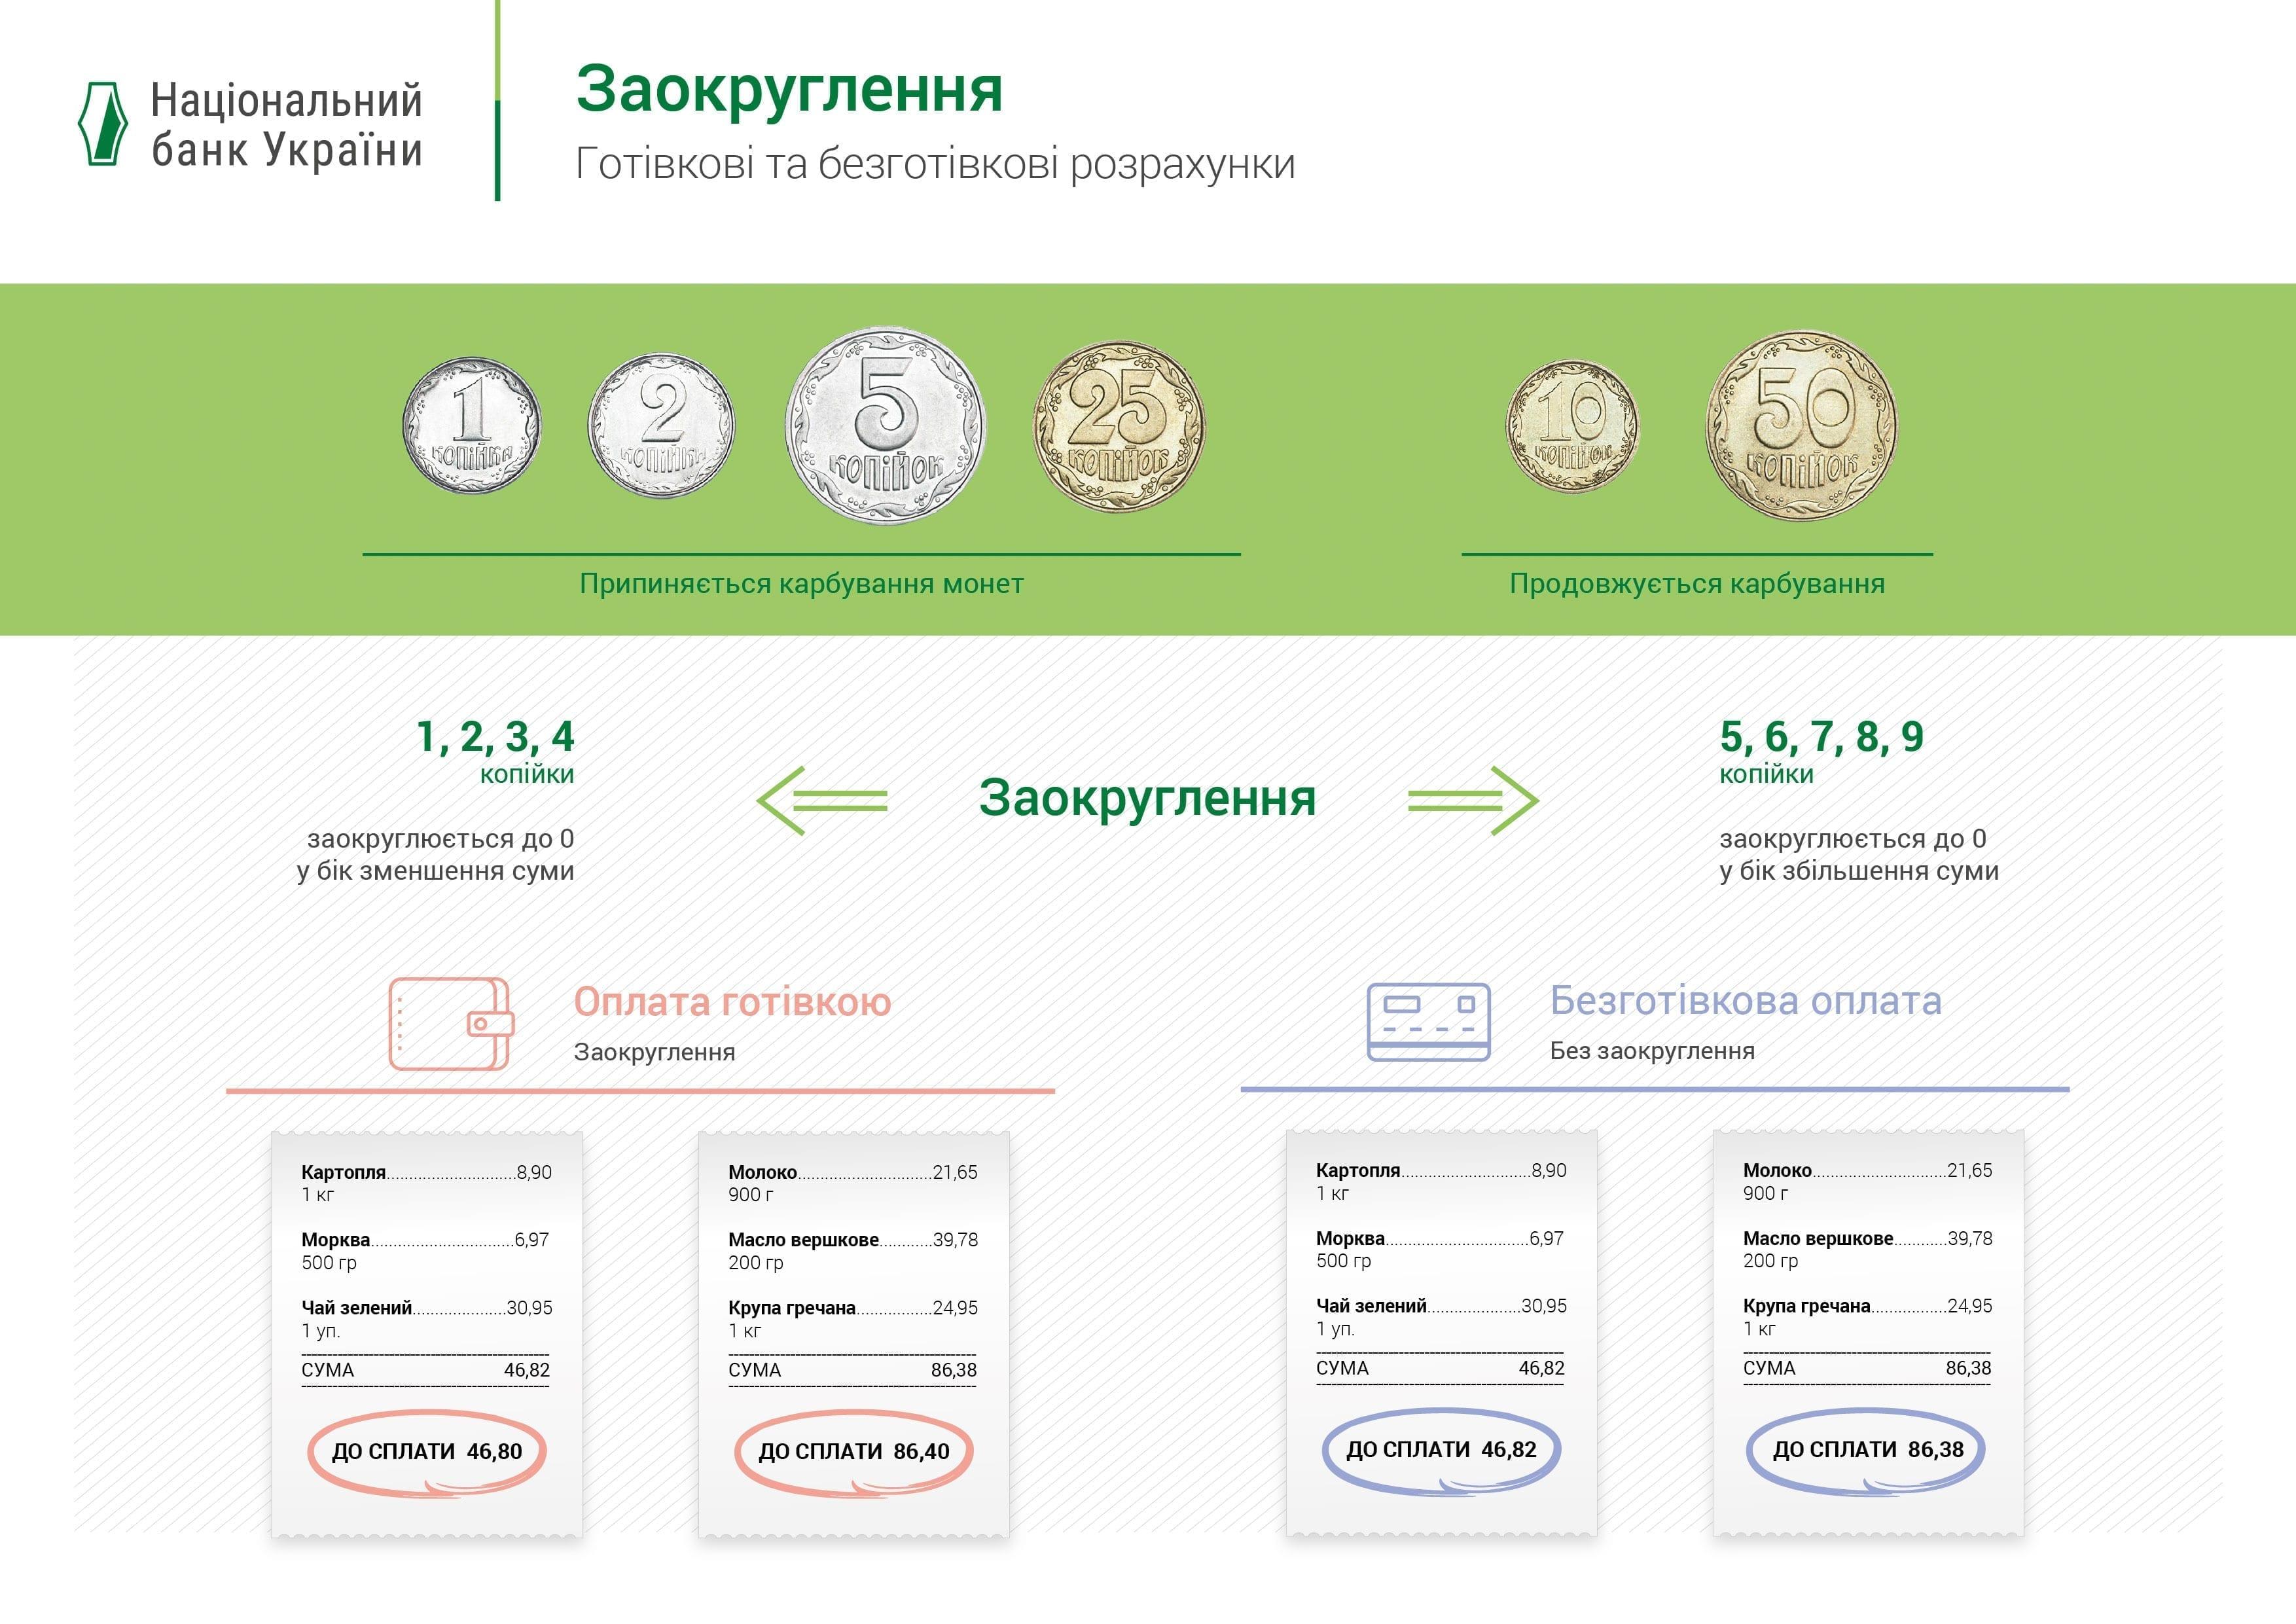 new 01 - Україна відмовляється від копійок. Як тепер округляти ціни? Розповідаємо - Заборона